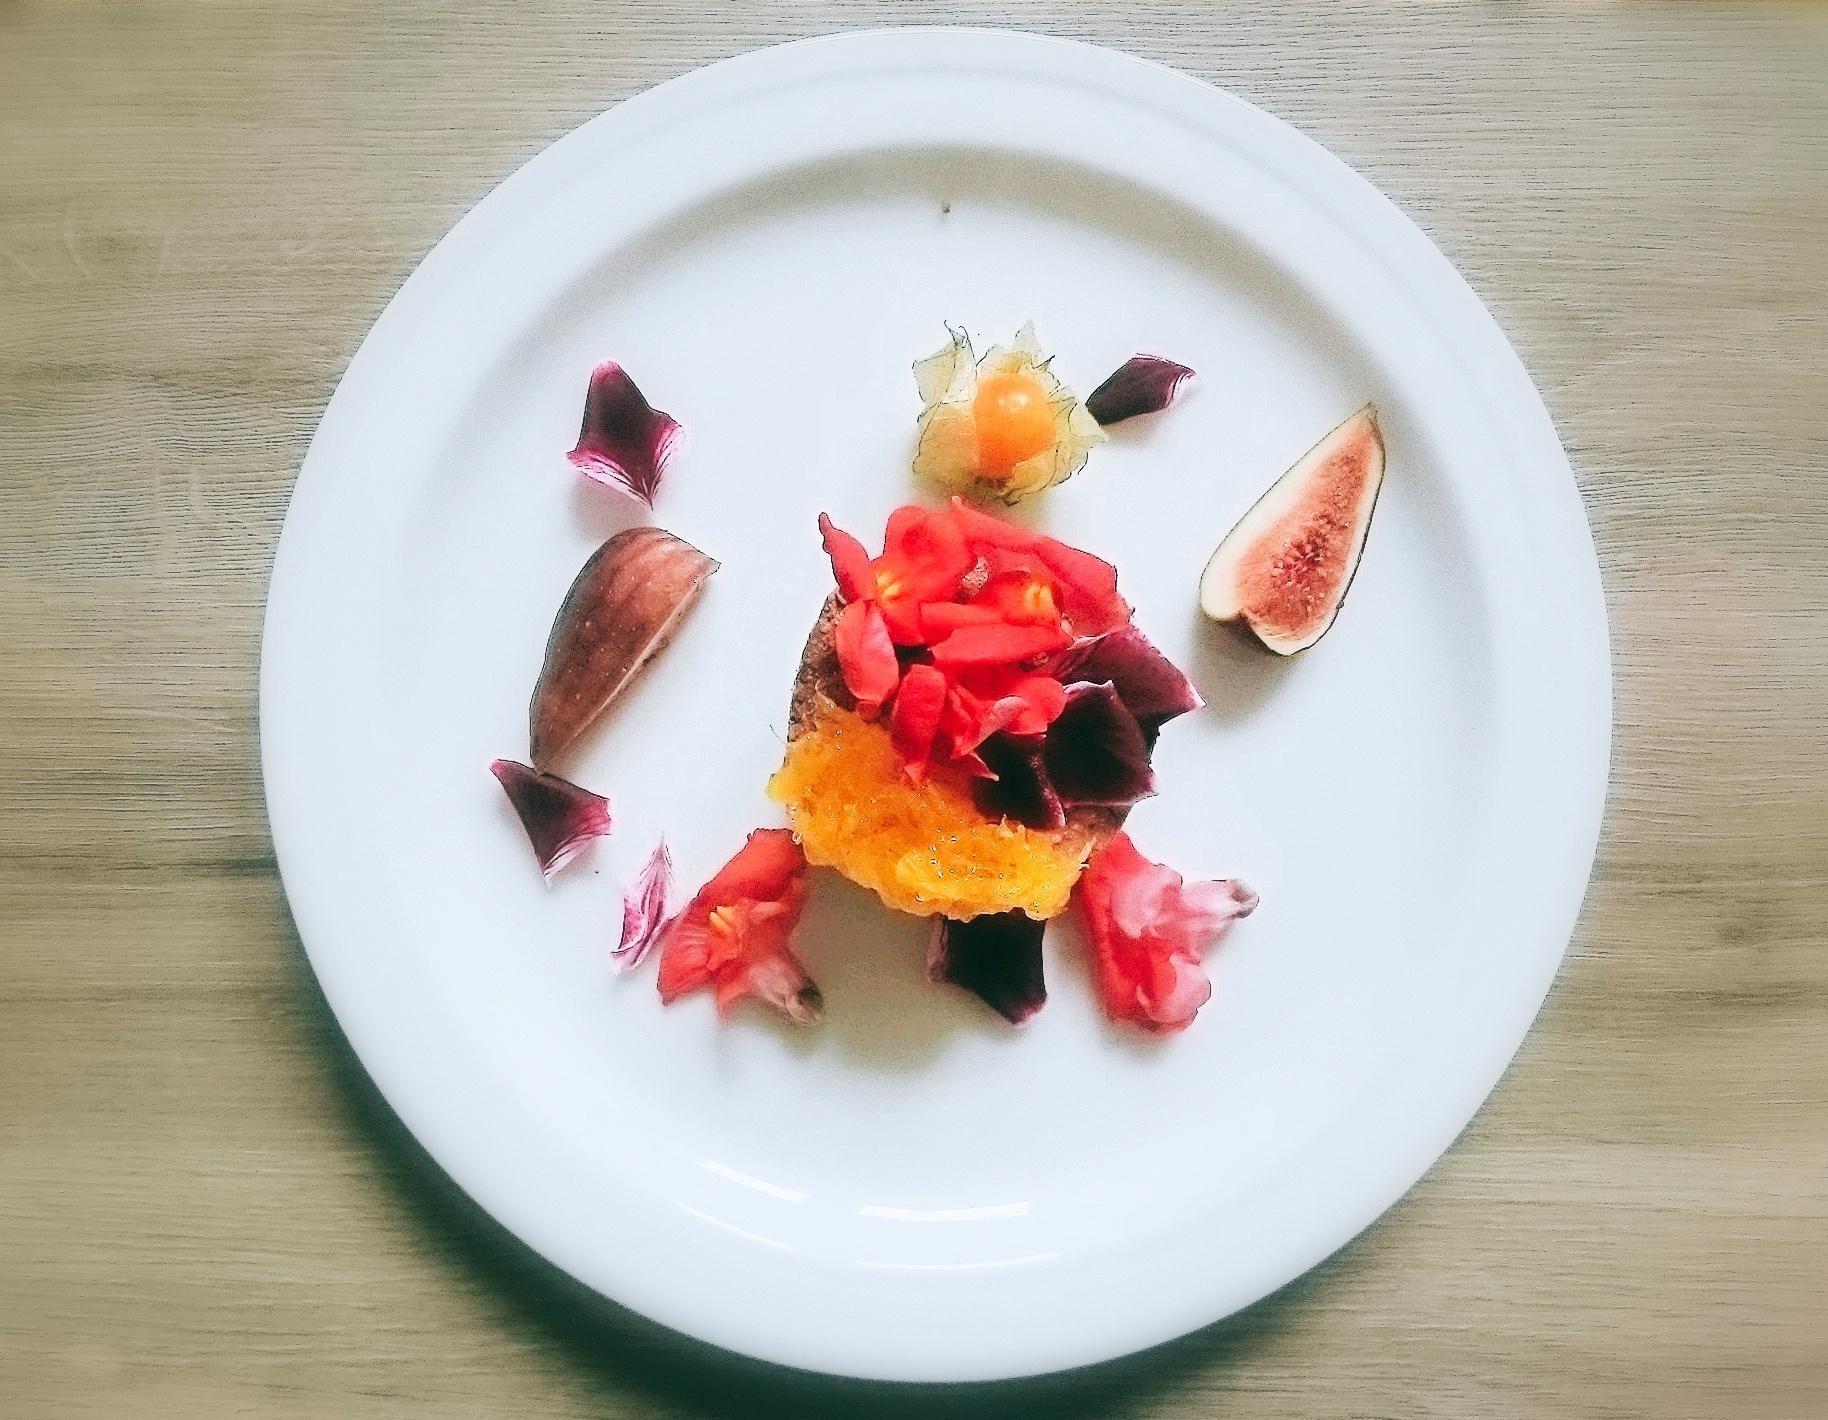 2017 03 09 14 31 16 - Podwójnie czekoladowe mrożone serniczki z jadalnymi kwiatami i frużeliną pomarańczową